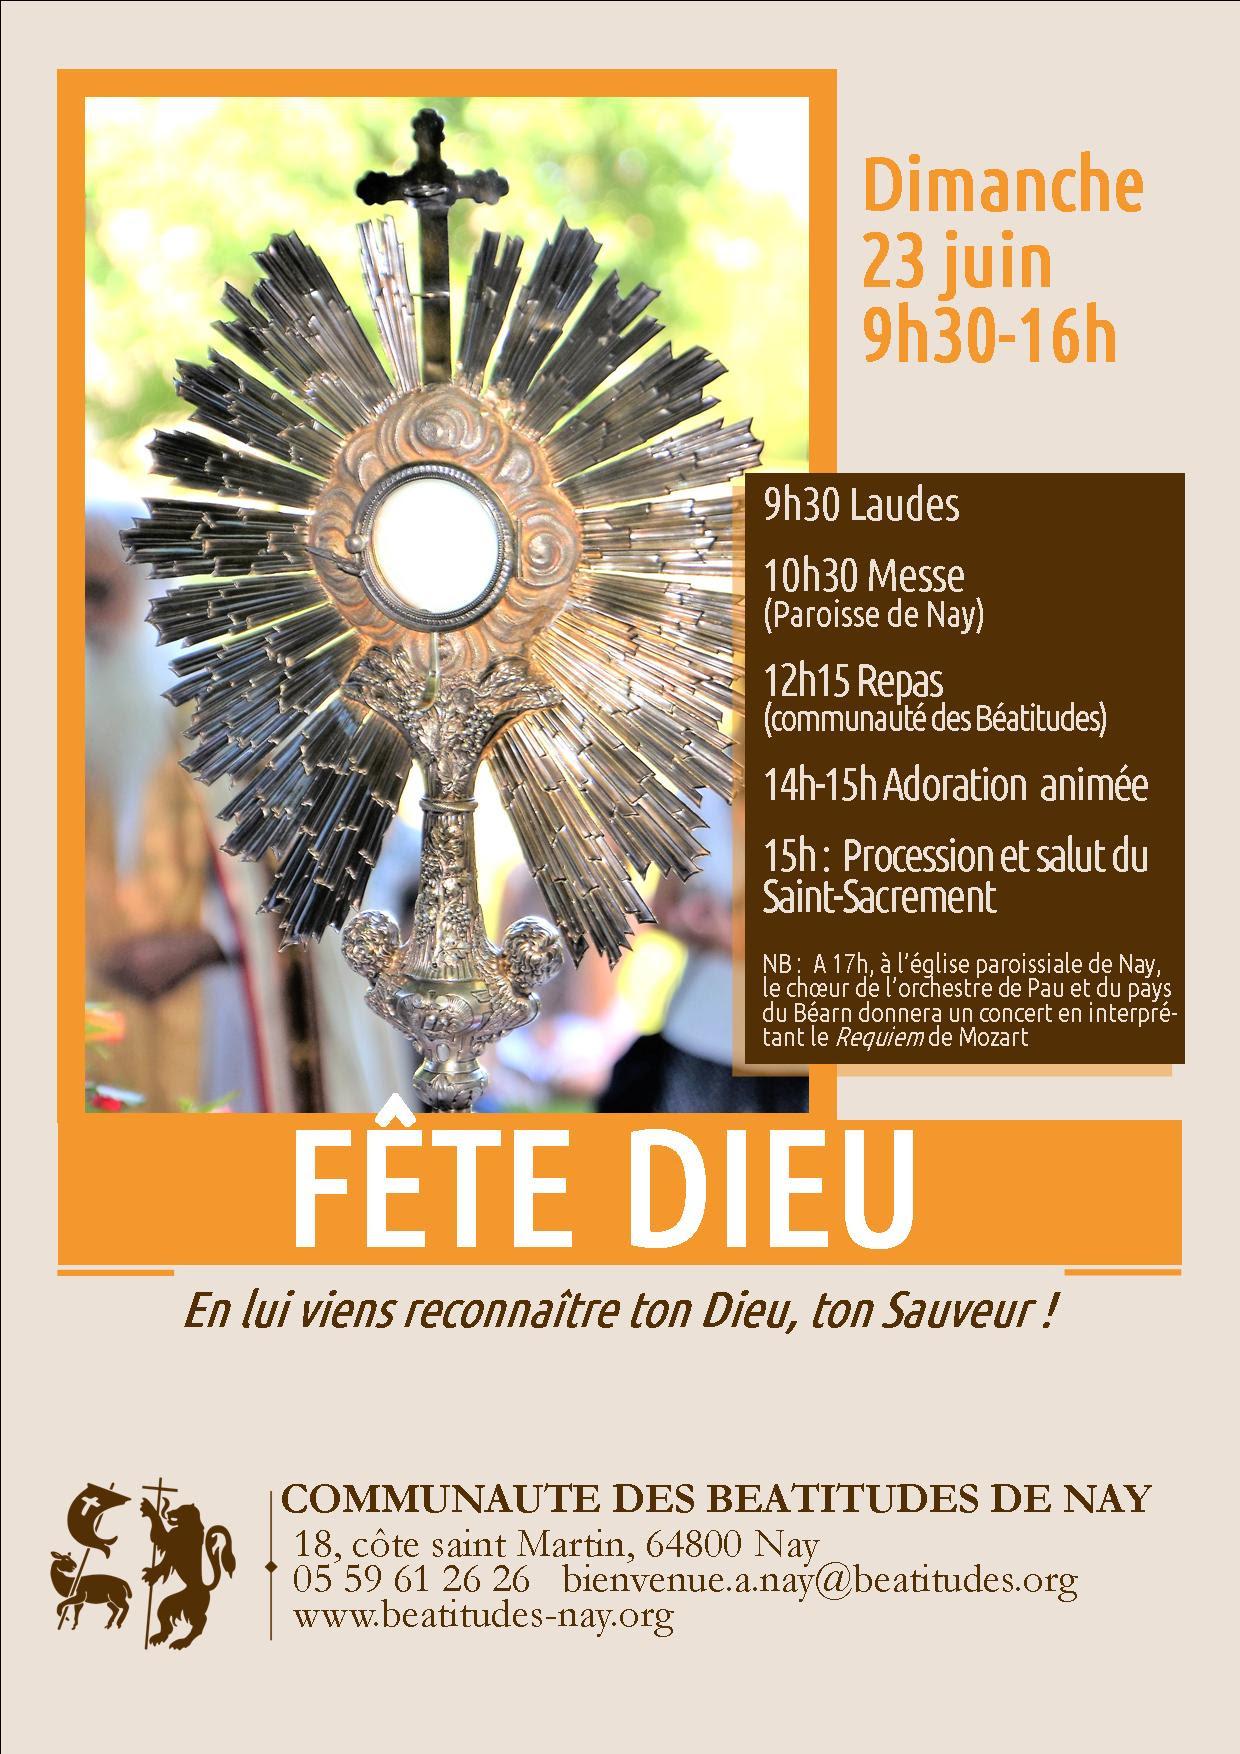 Fête-Dieu avec la communauté des Béatitudes le 23 juin 2019 à Nay (64)